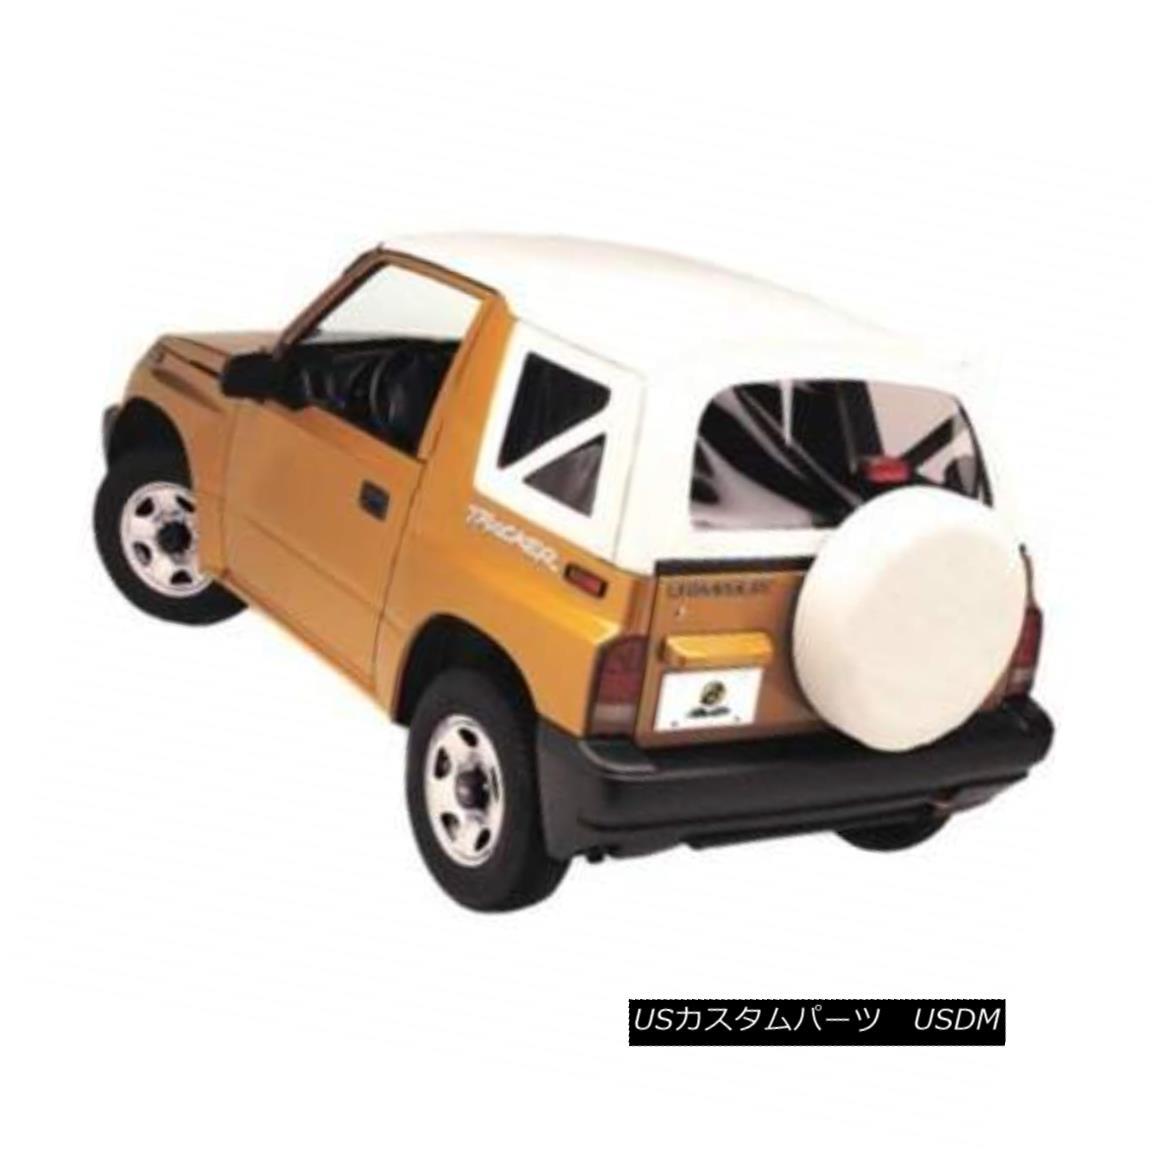 幌・ソフトトップ Bestop New Soft Top White Chevy Geo Tracker Chevrolet Suzuki Sidekick GMC 89-91 ベストトップ新ソフトトップシボレージオトラッカーシボレースズキサイドキックGMC 89-91